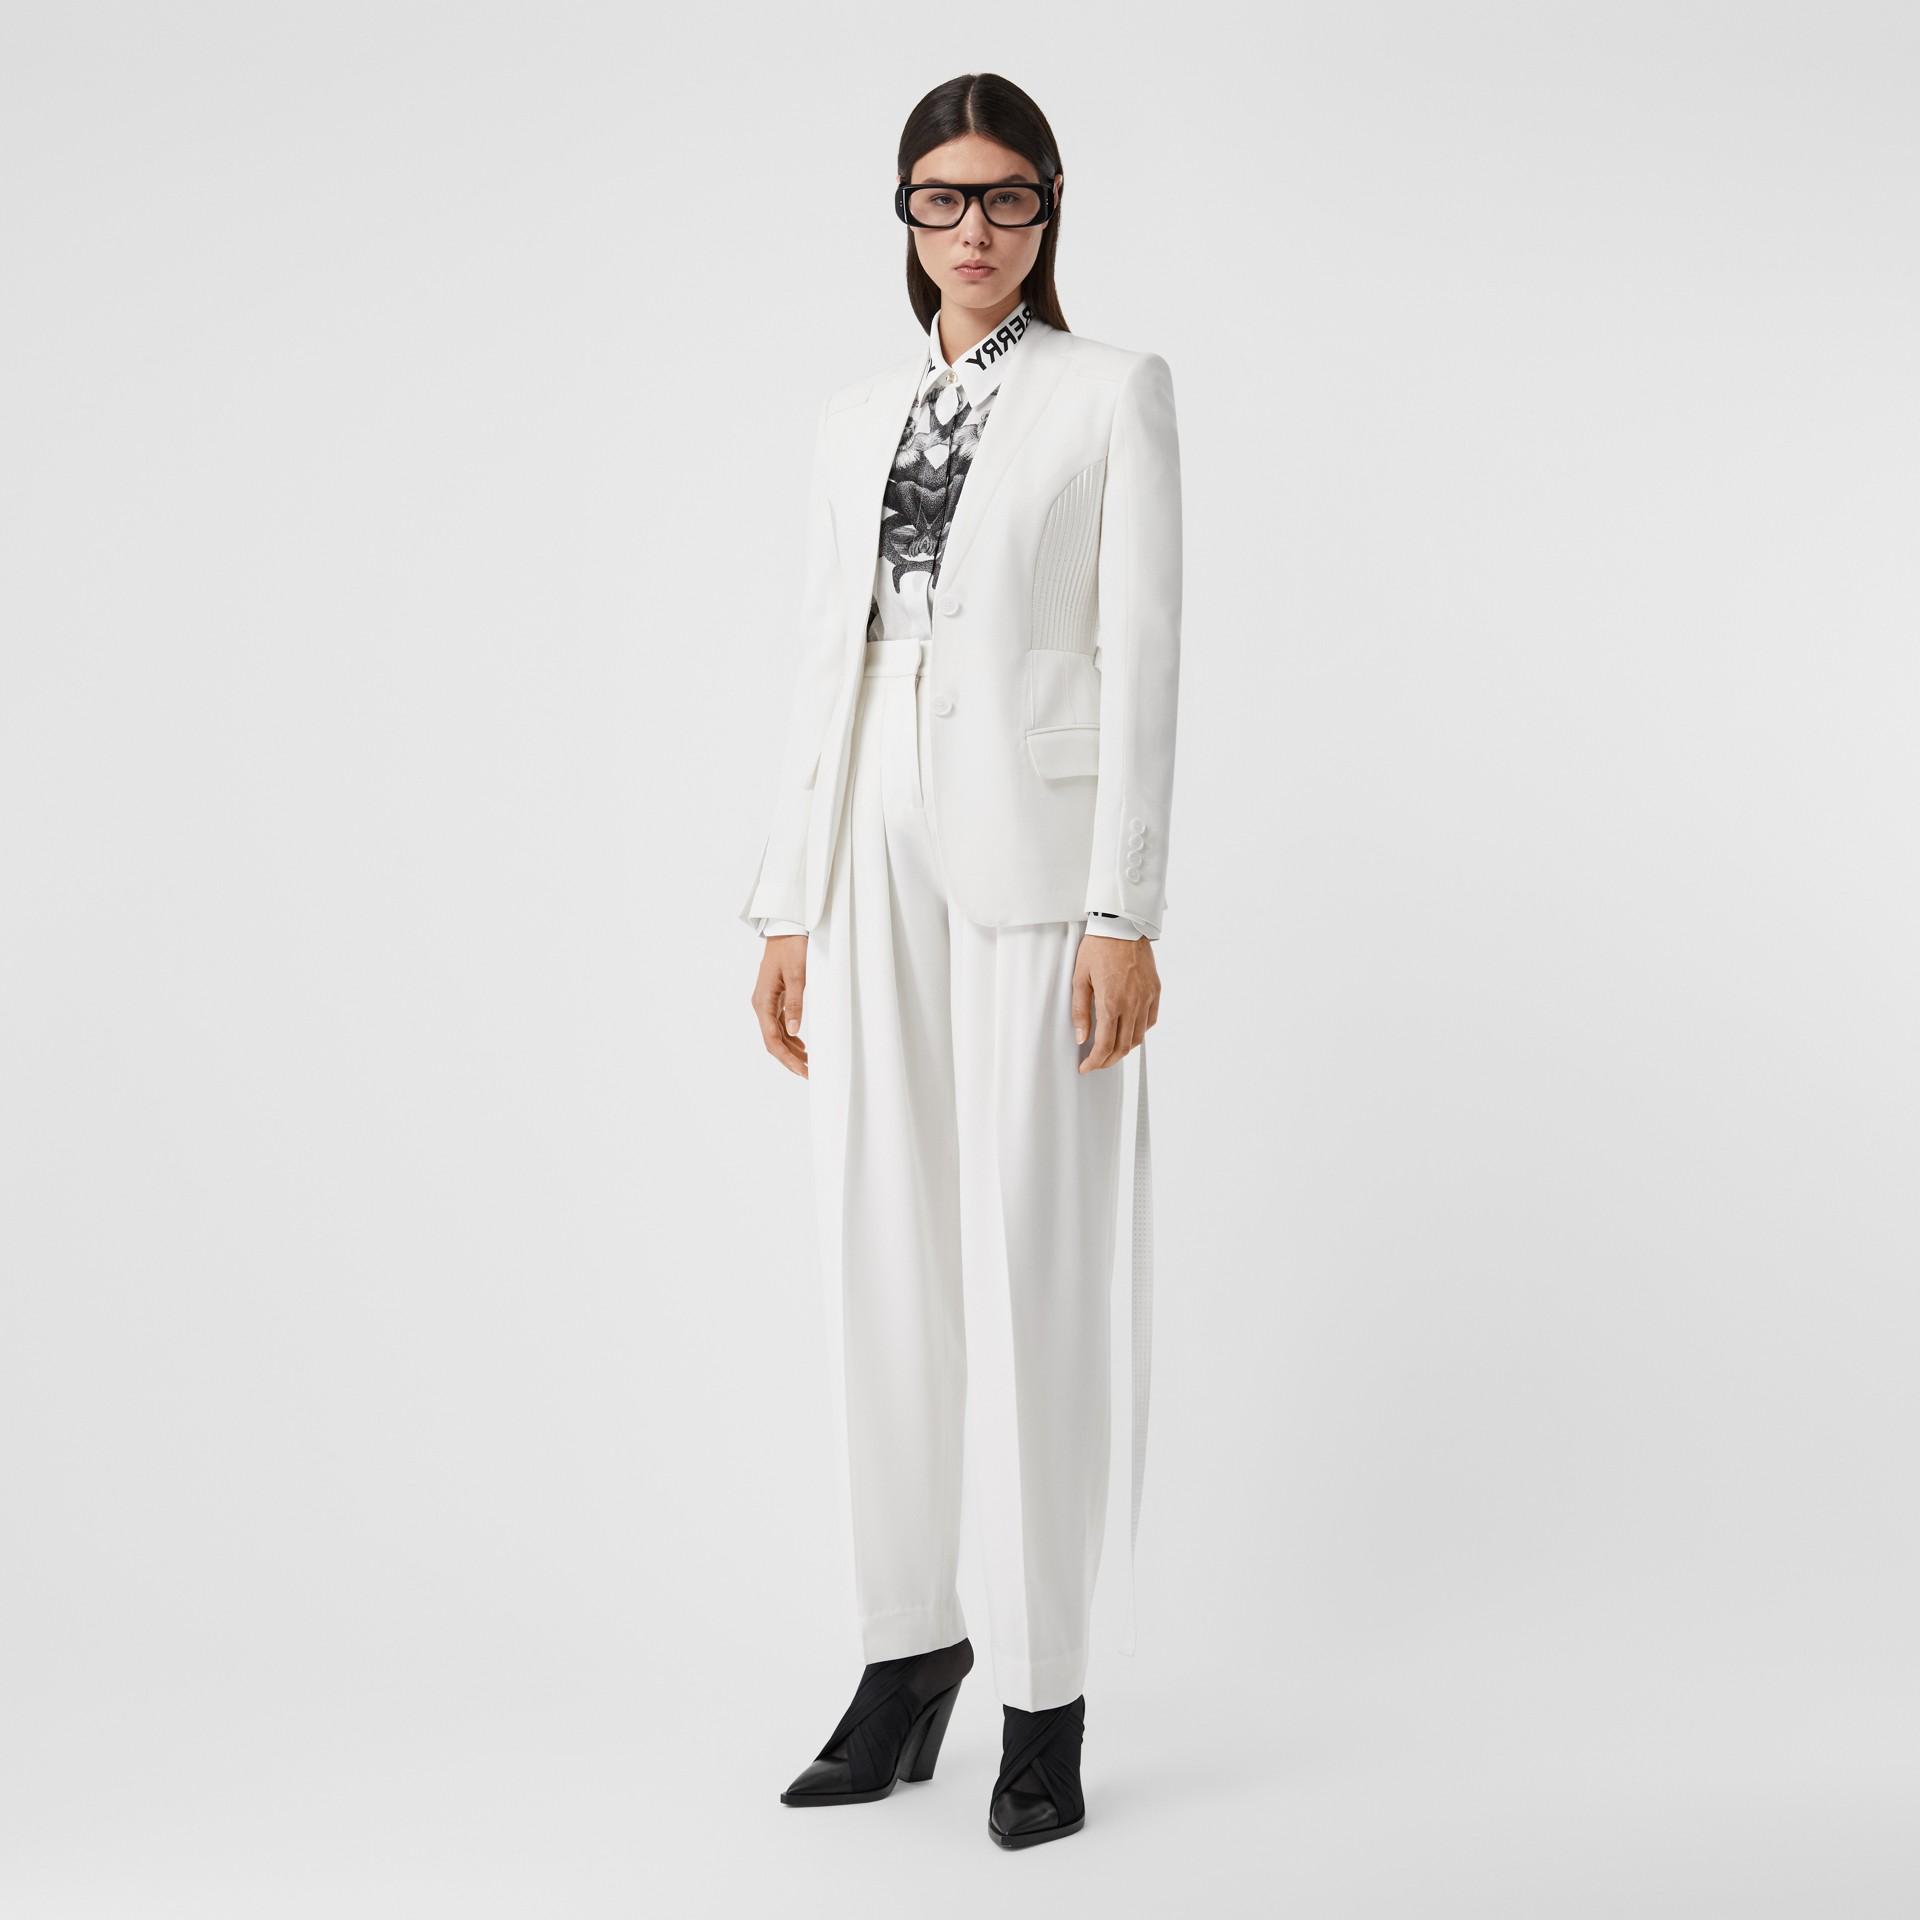 Шерстяные брюки с передними складками (Снег) - Для женщин | Burberry - изображение 0